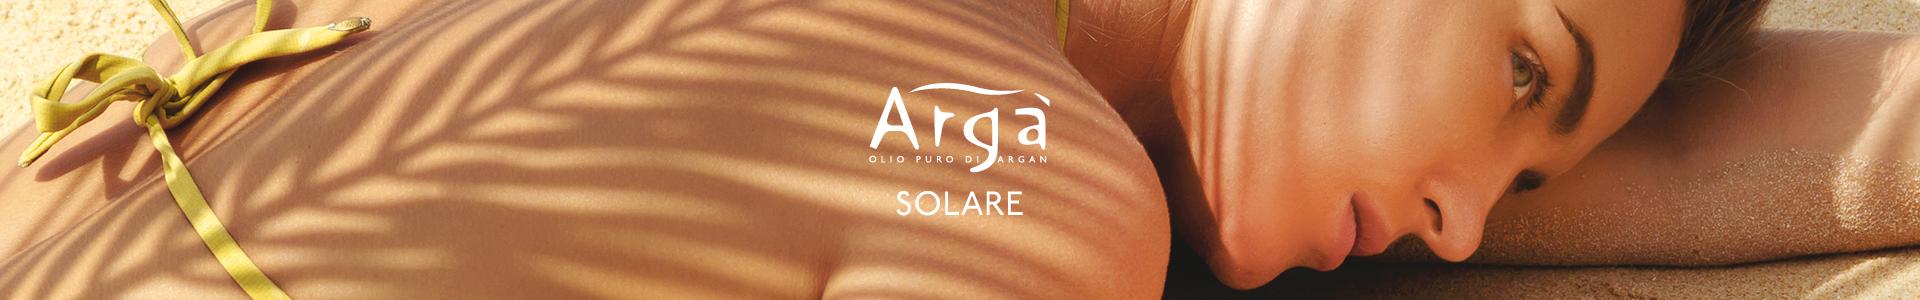 arga-olio-solare